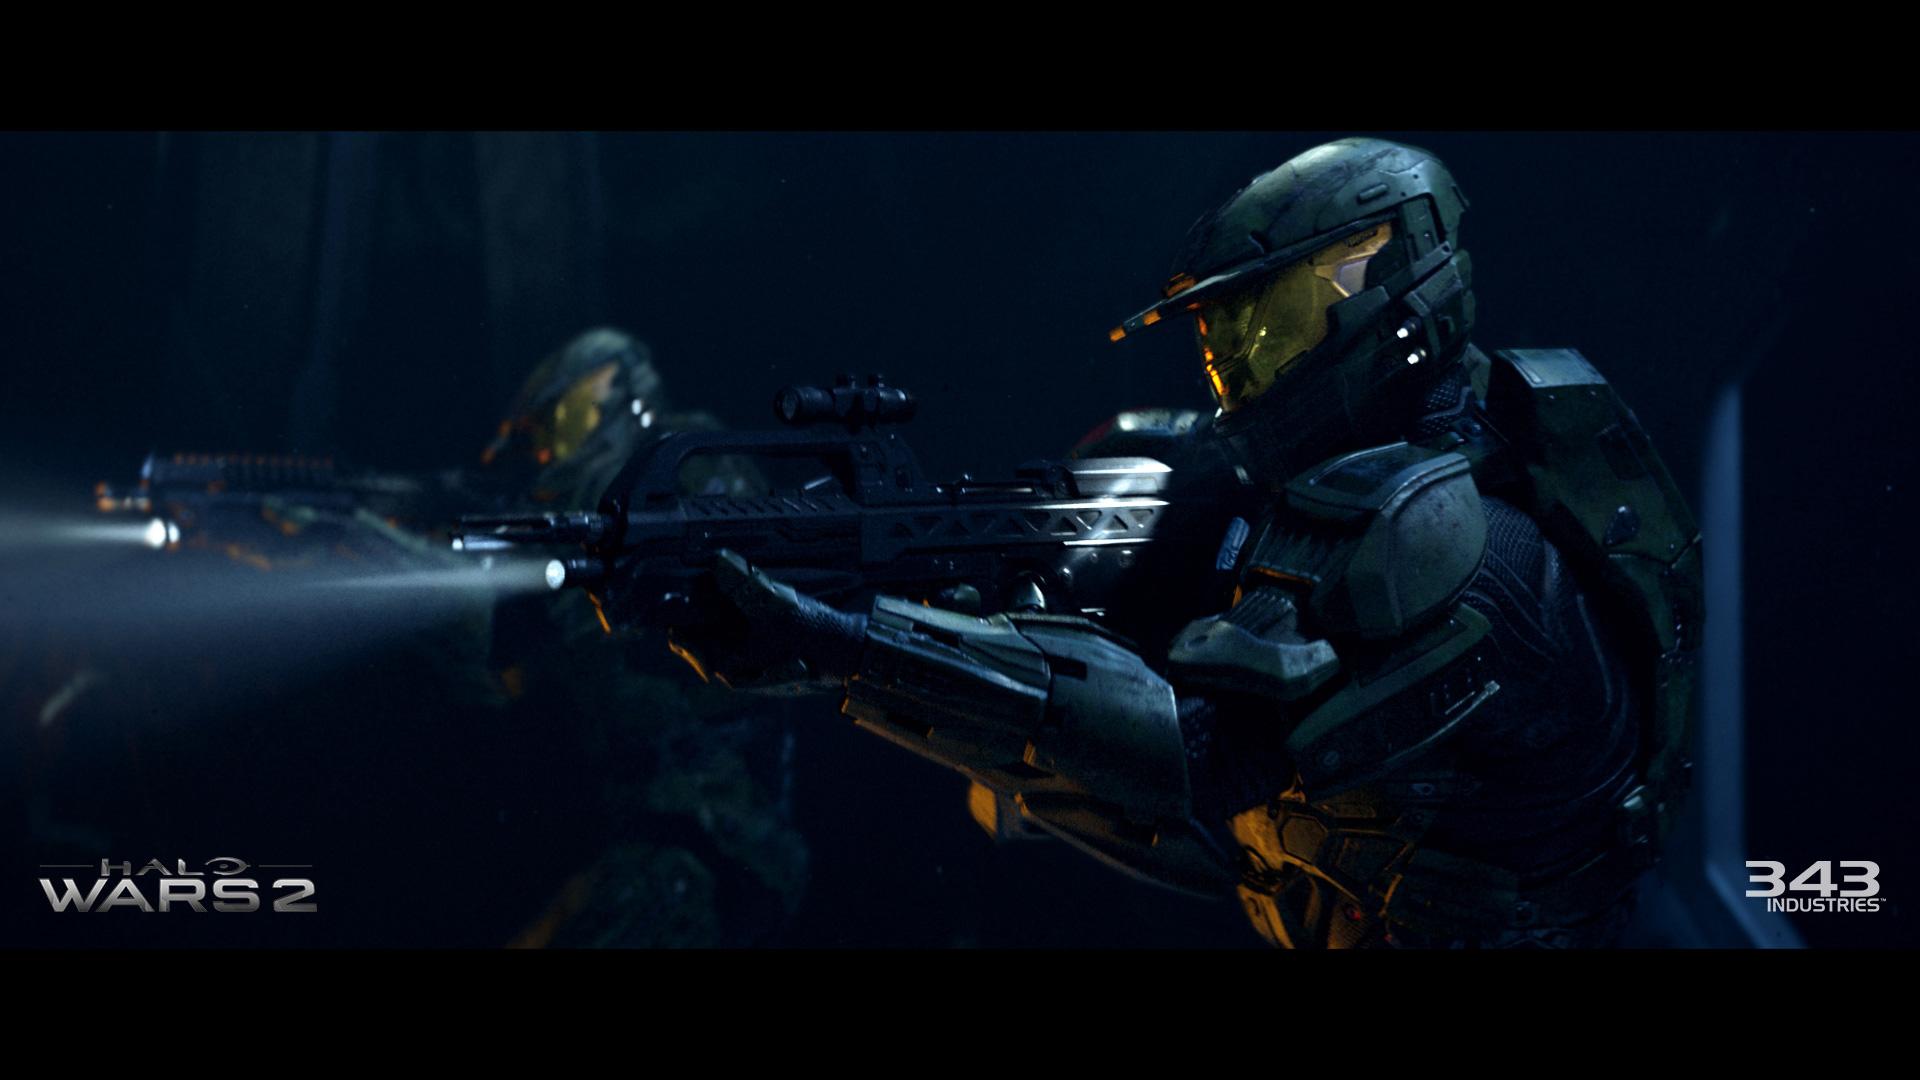 Halo Wars 2 Reaches Waypoint